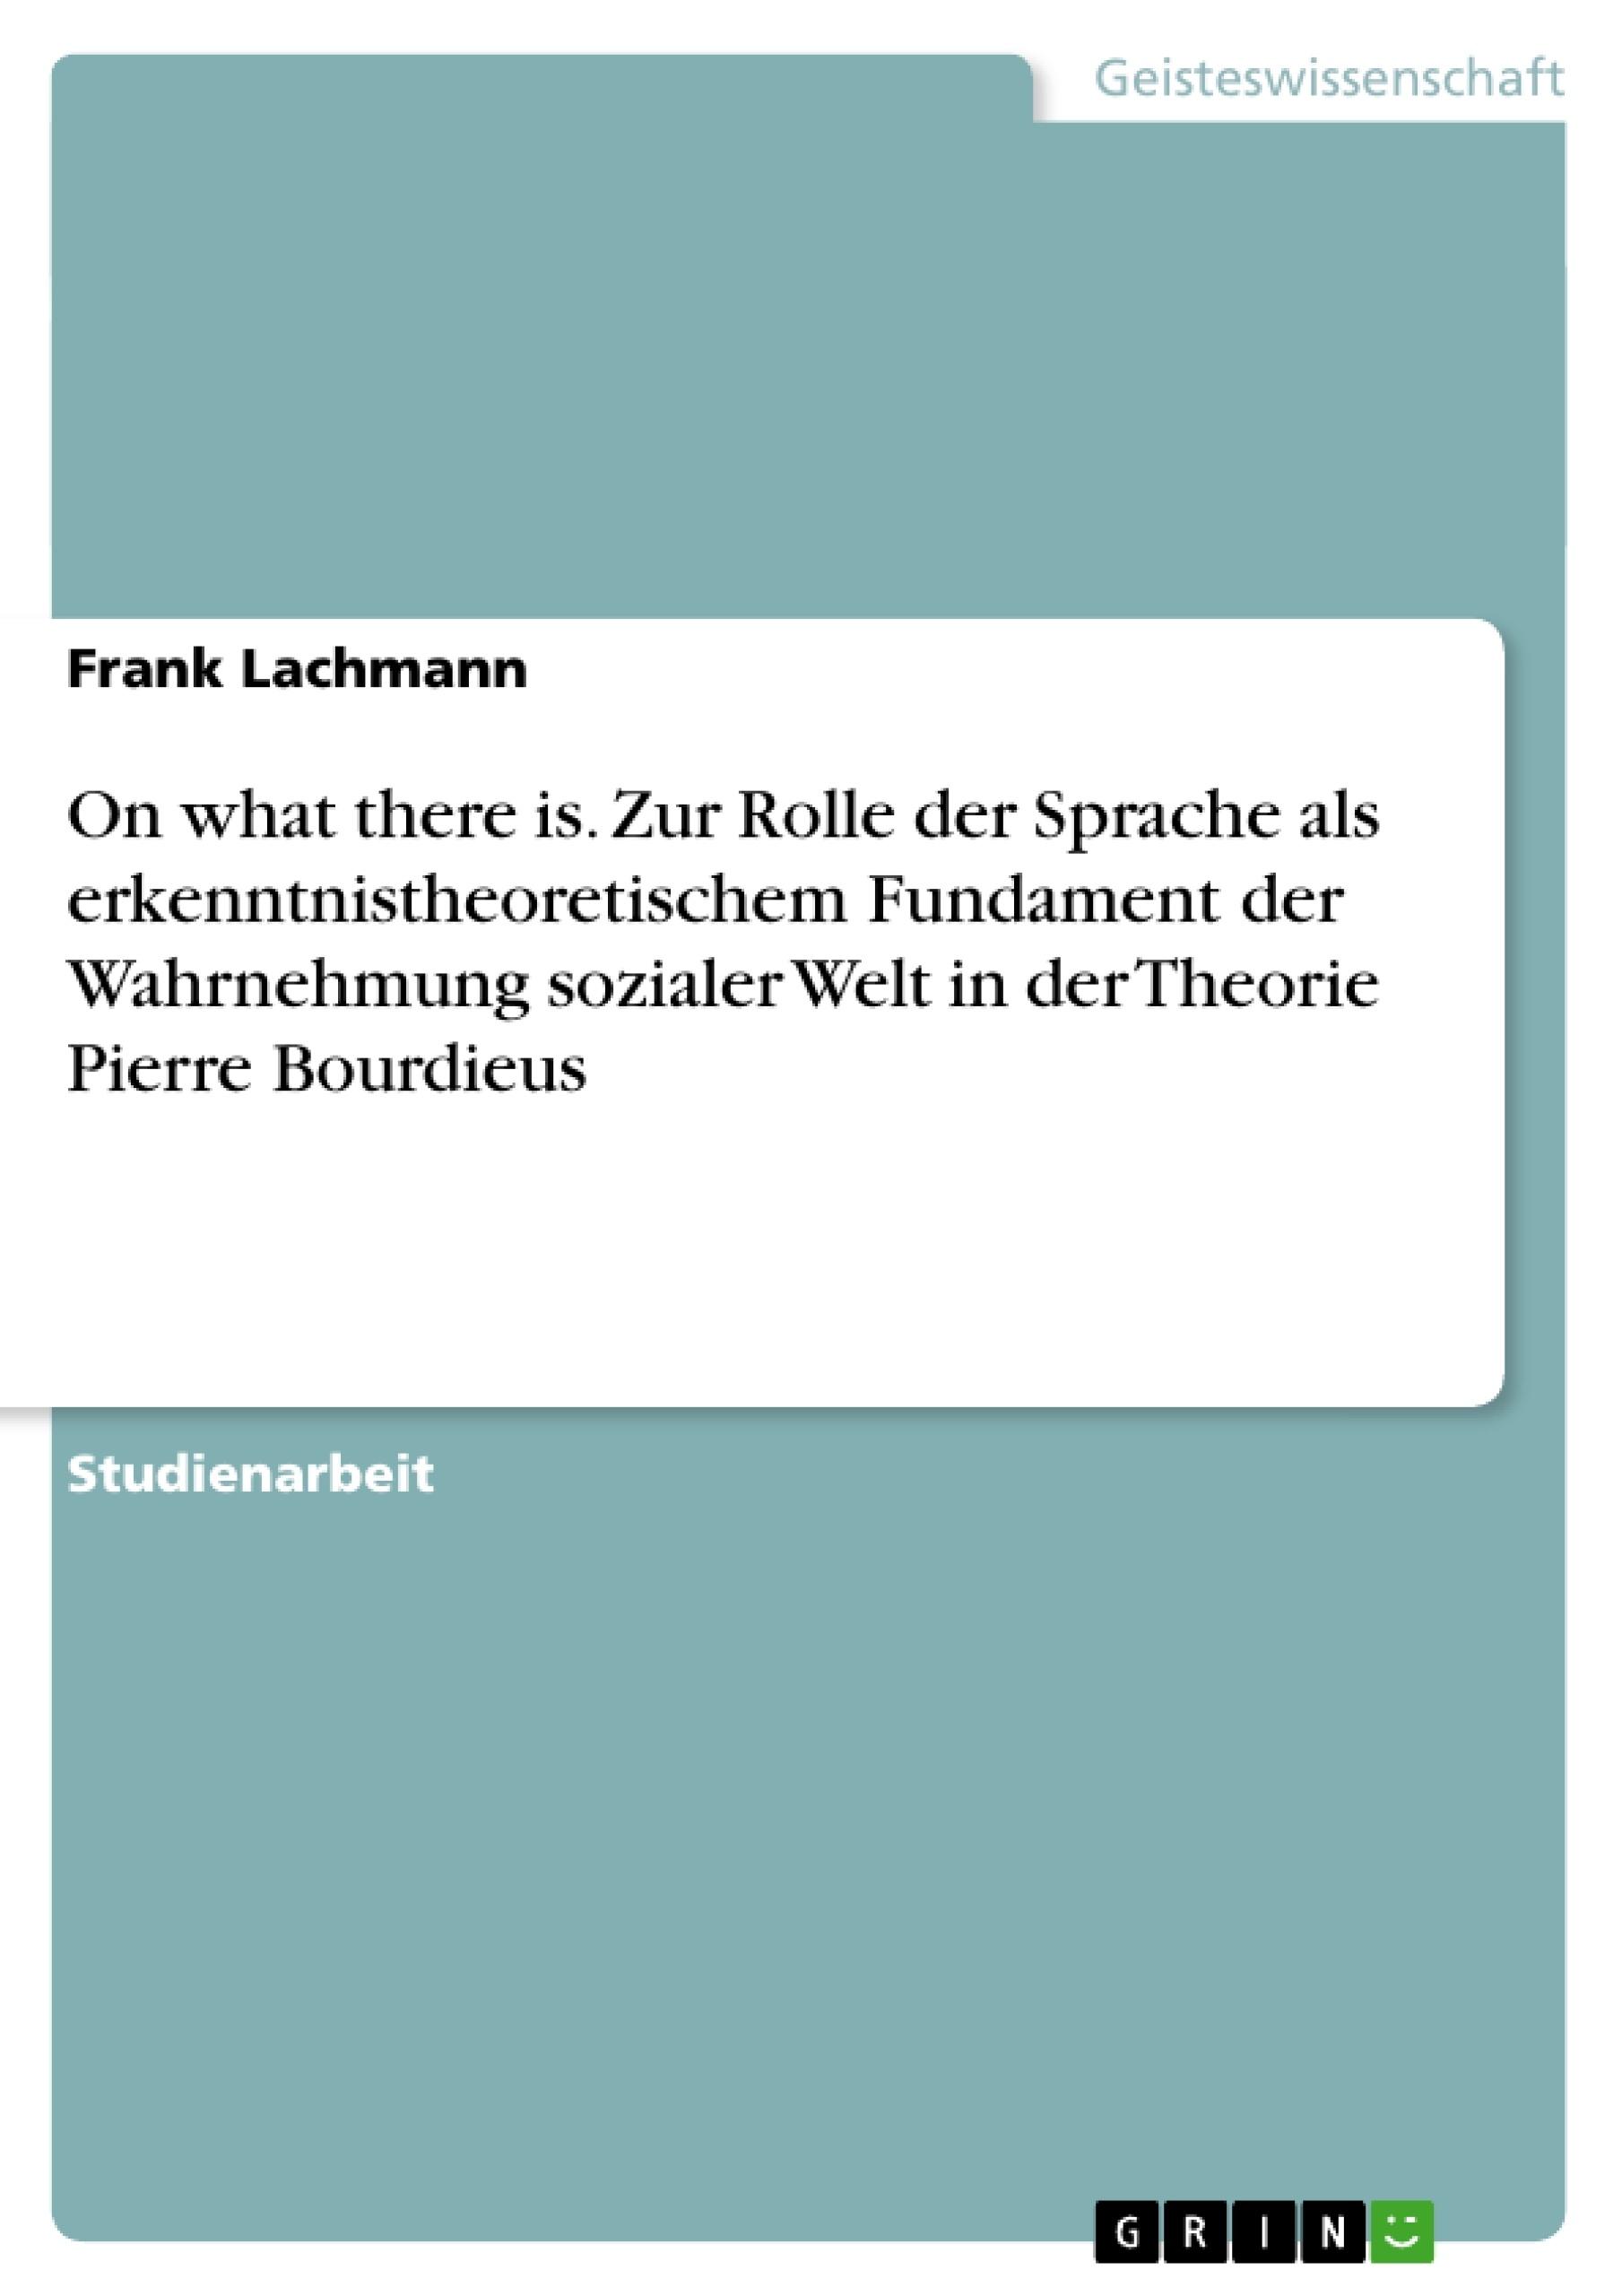 Titel: On what there is. Zur Rolle der Sprache als erkenntnistheoretischem Fundament der Wahrnehmung sozialer Welt in der Theorie Pierre Bourdieus